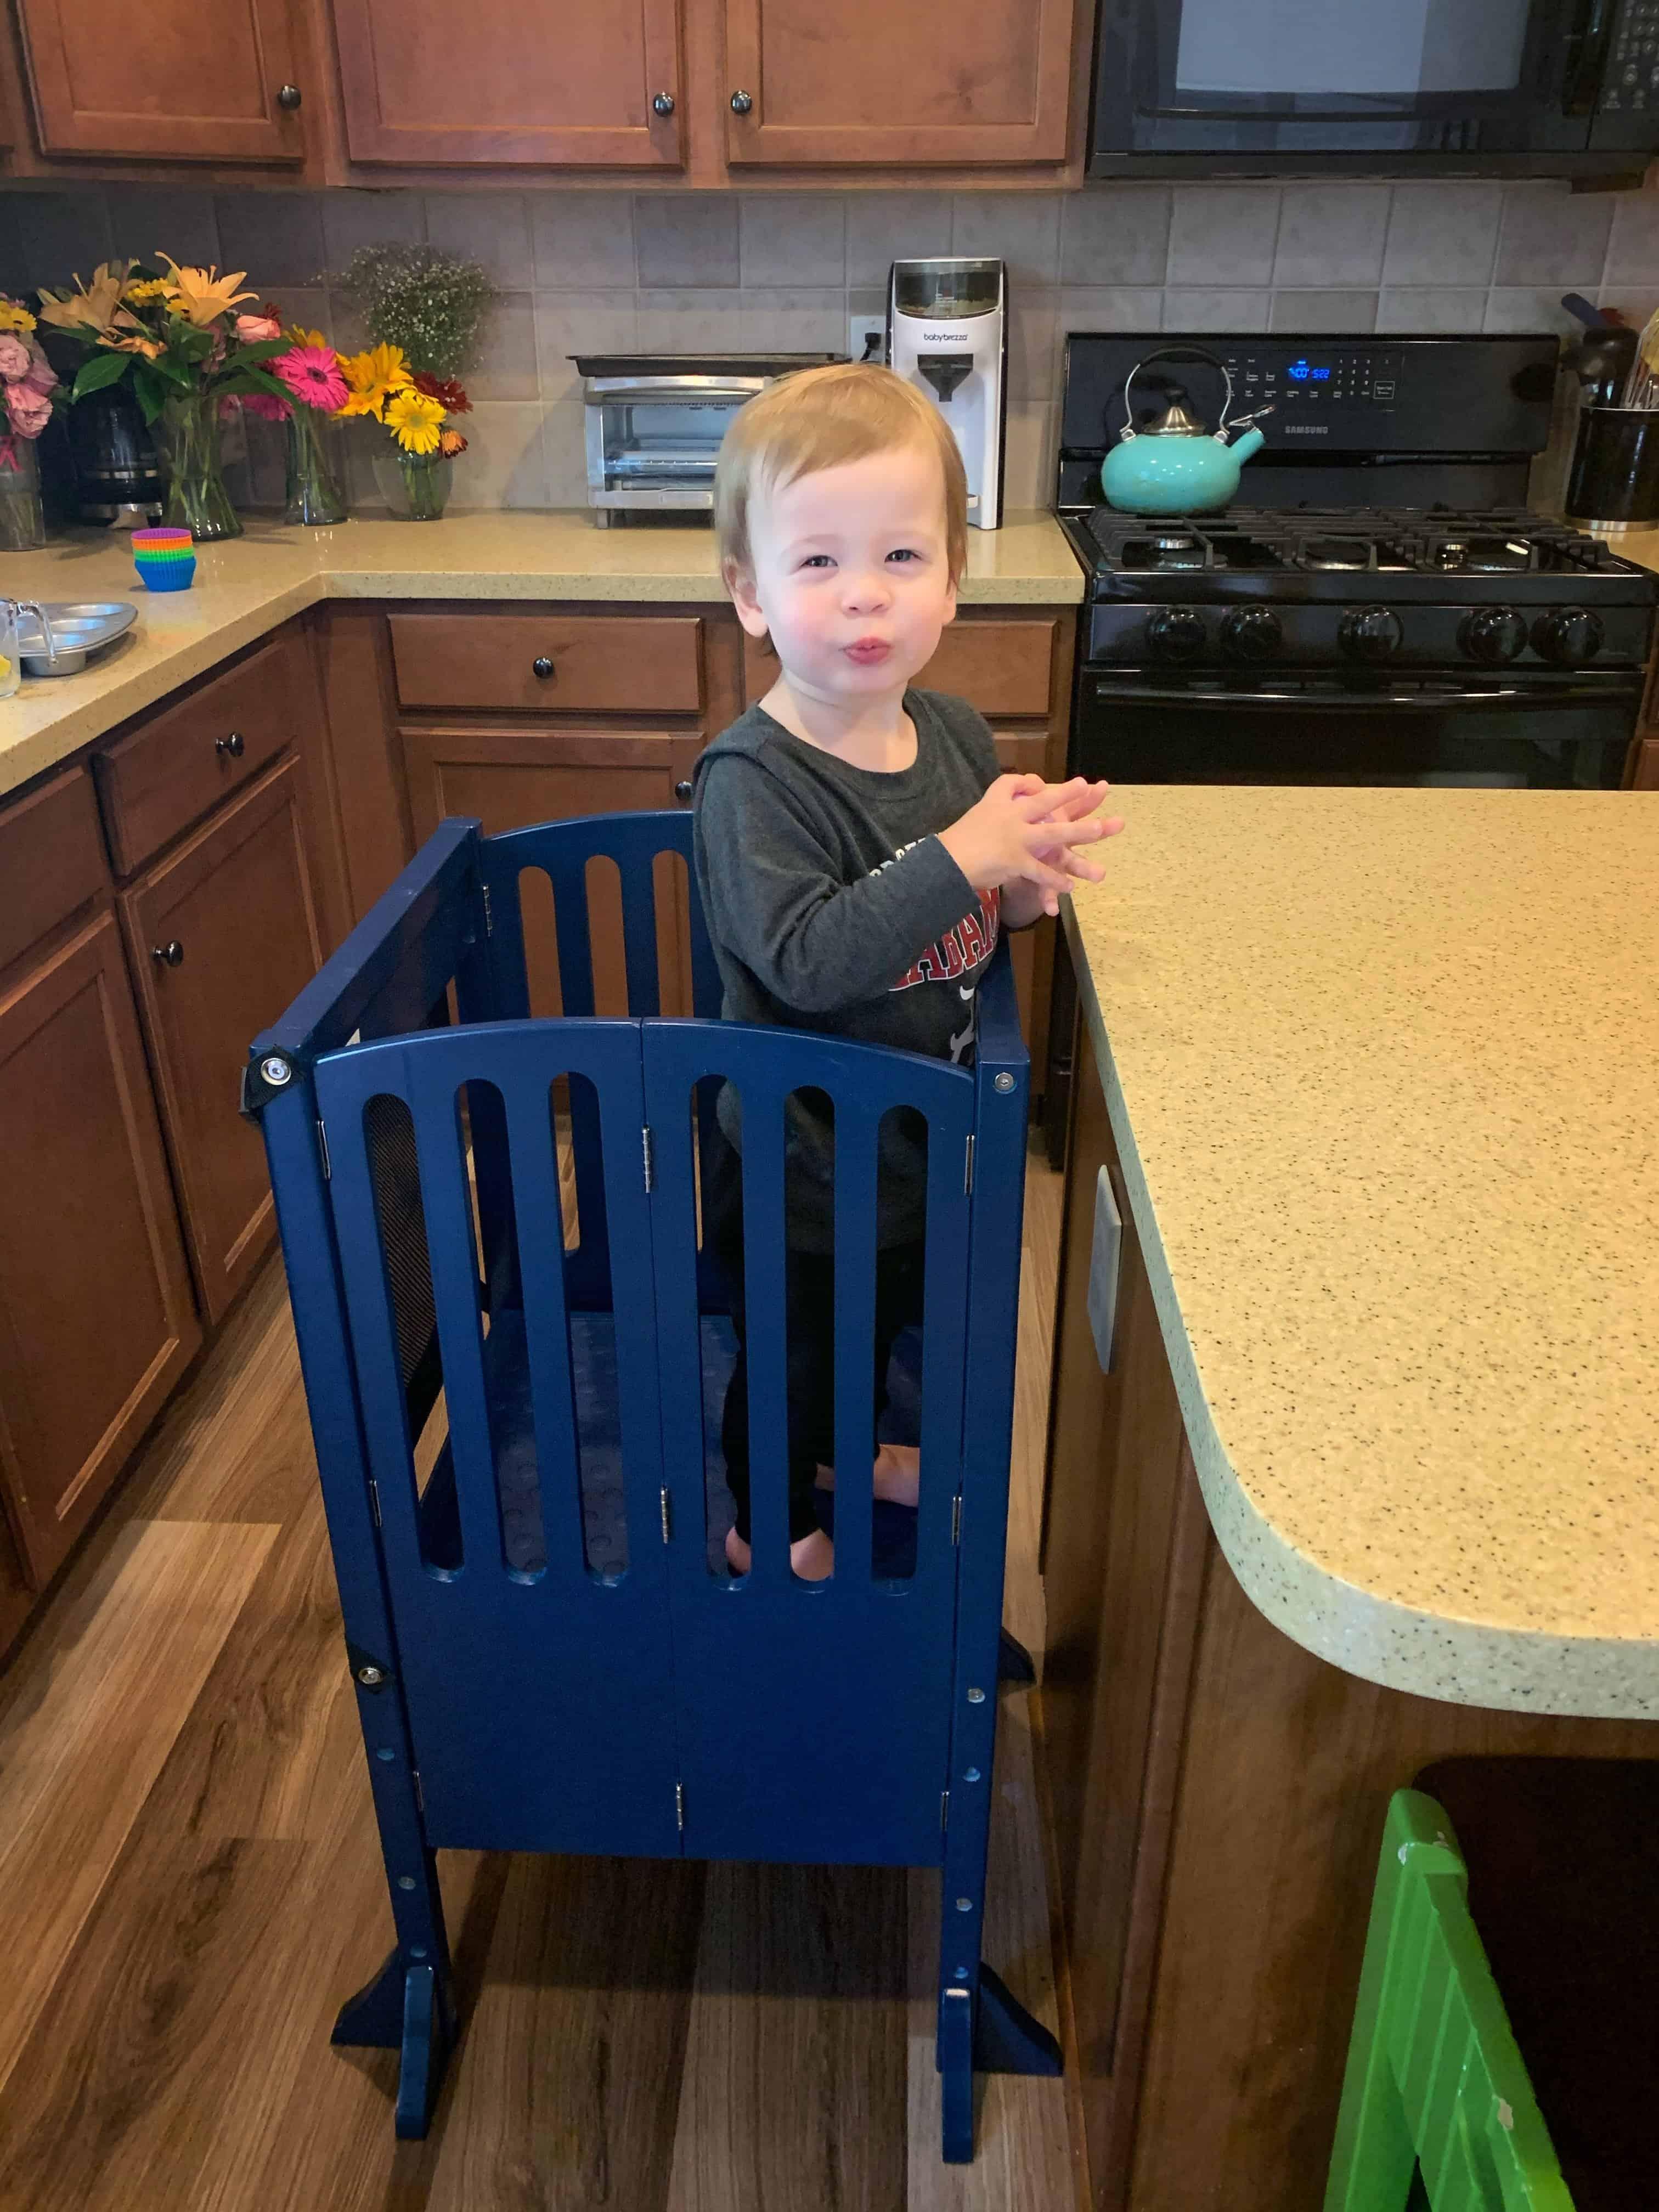 Kids Kitchen Stool